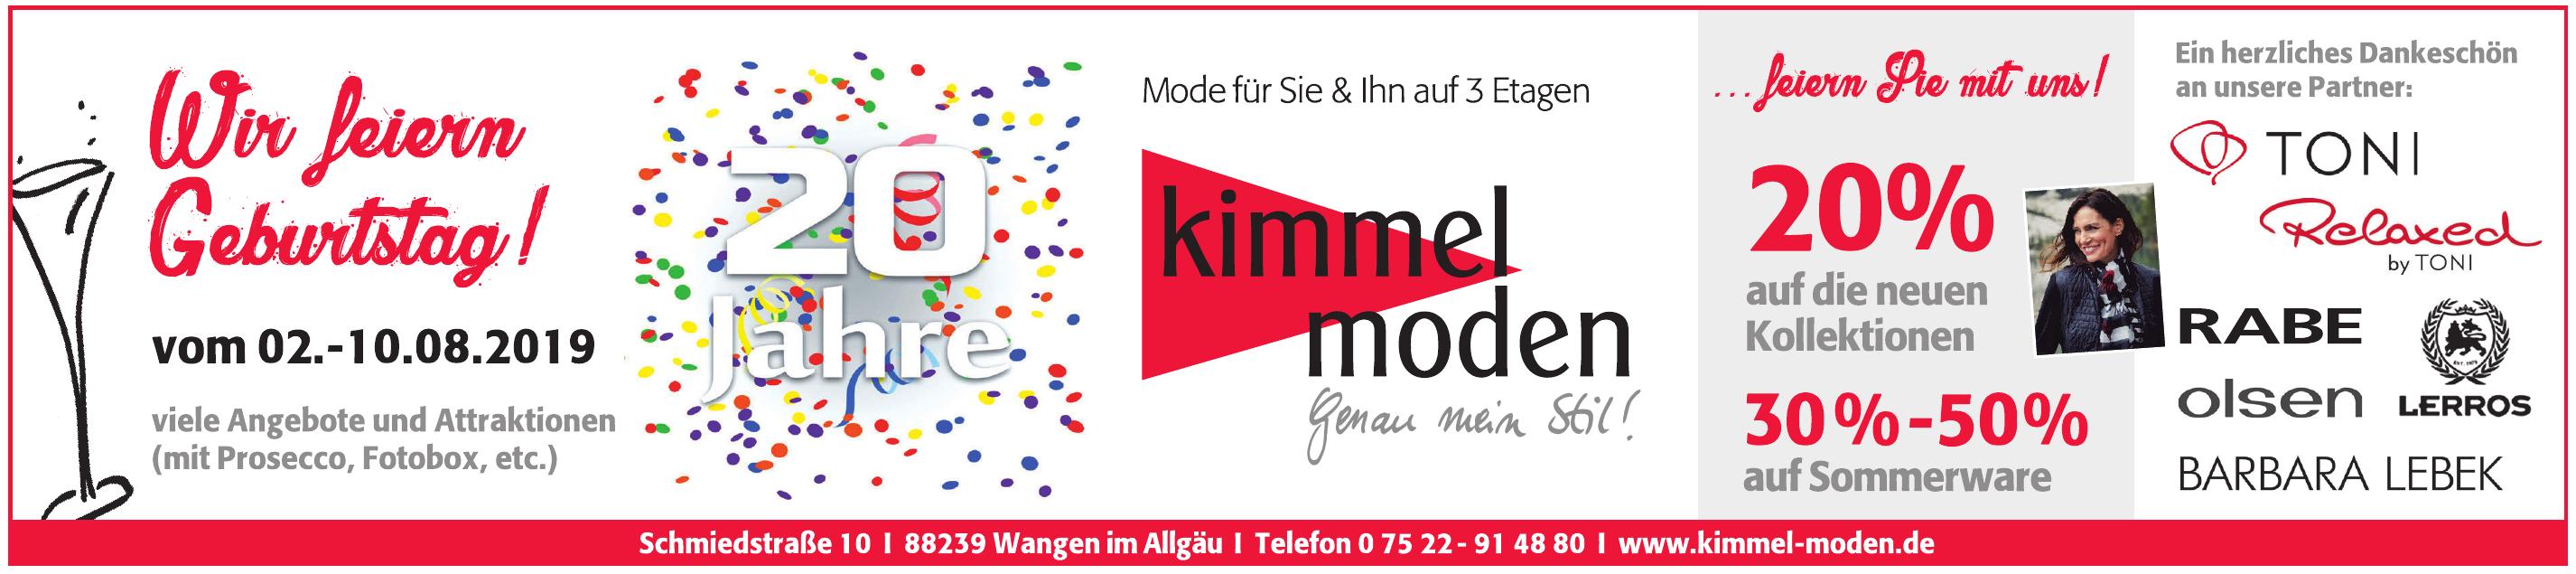 Kimmel Moden